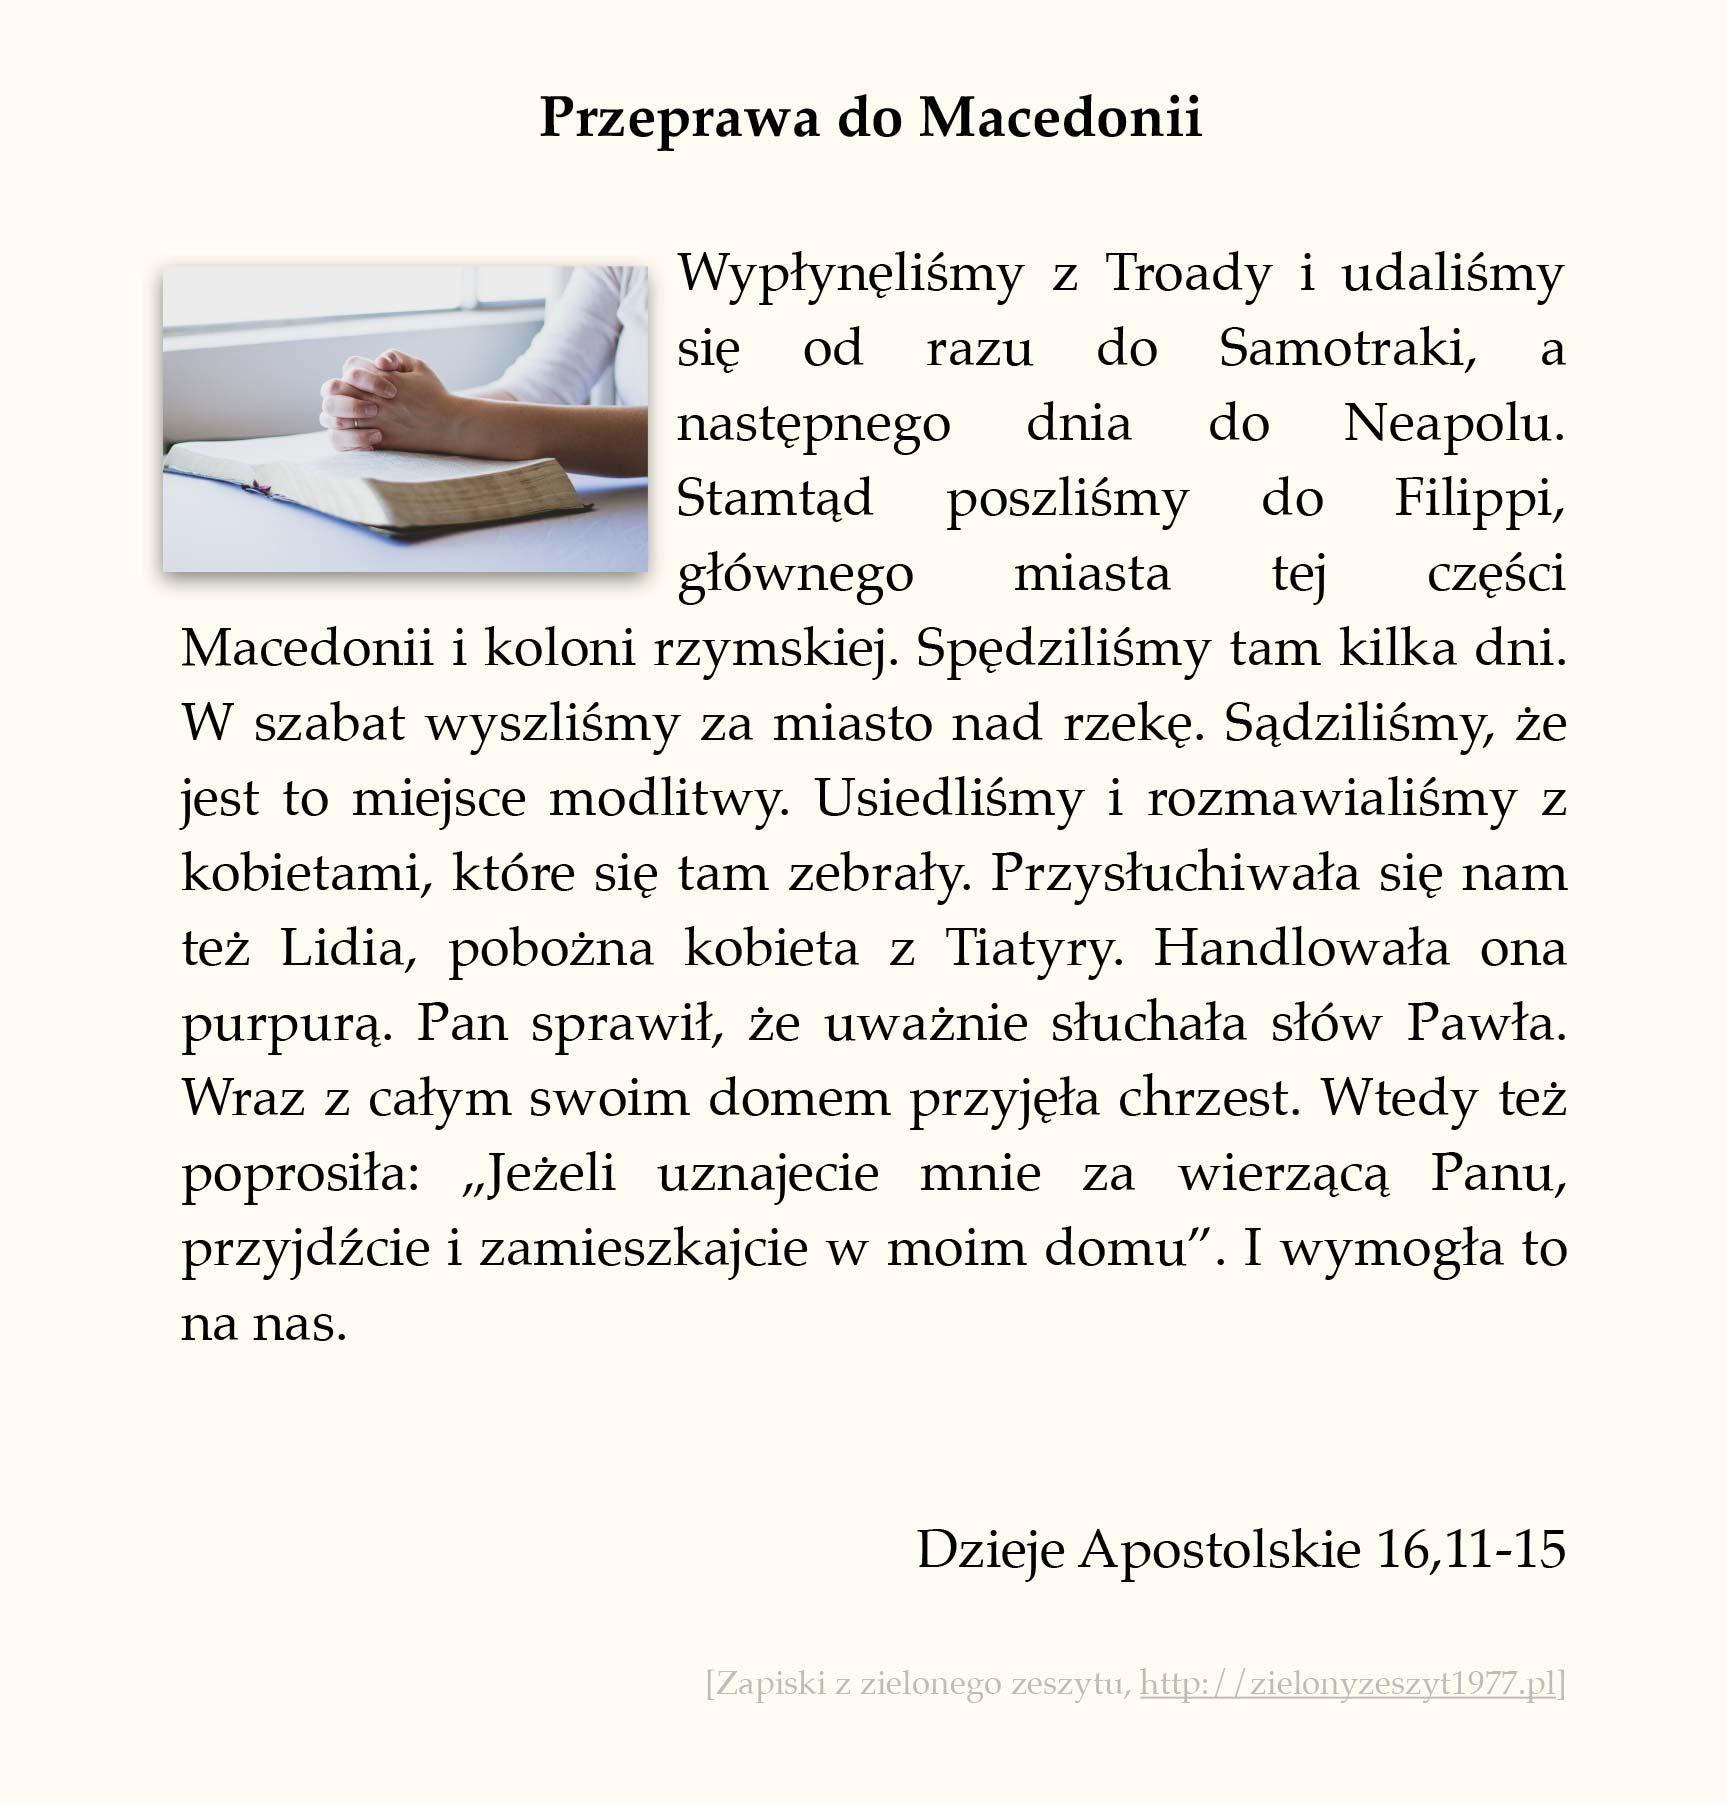 Przeprawa do Macedonii; Dzieje Apostolskie (#72)